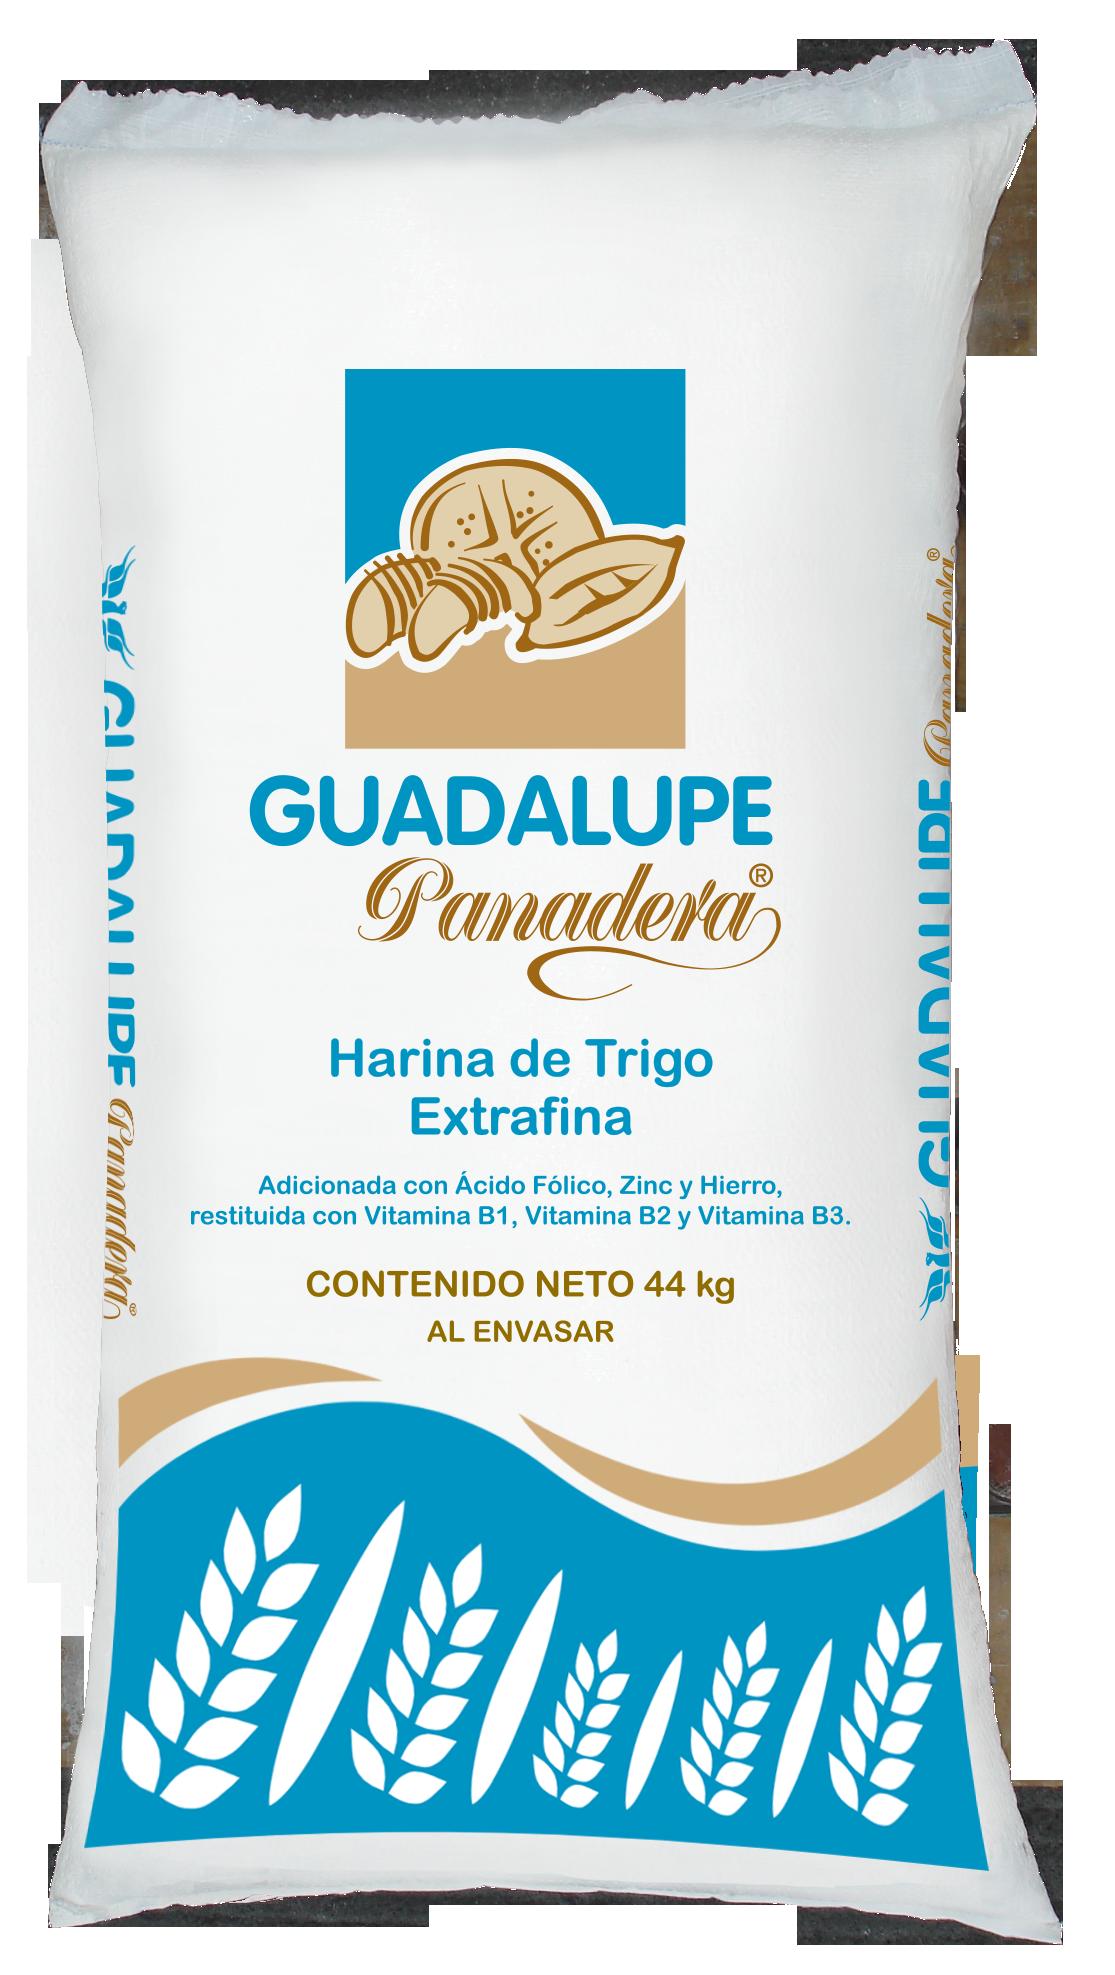 Presentaciones de Harina de Trigo Guadalupe Panadera